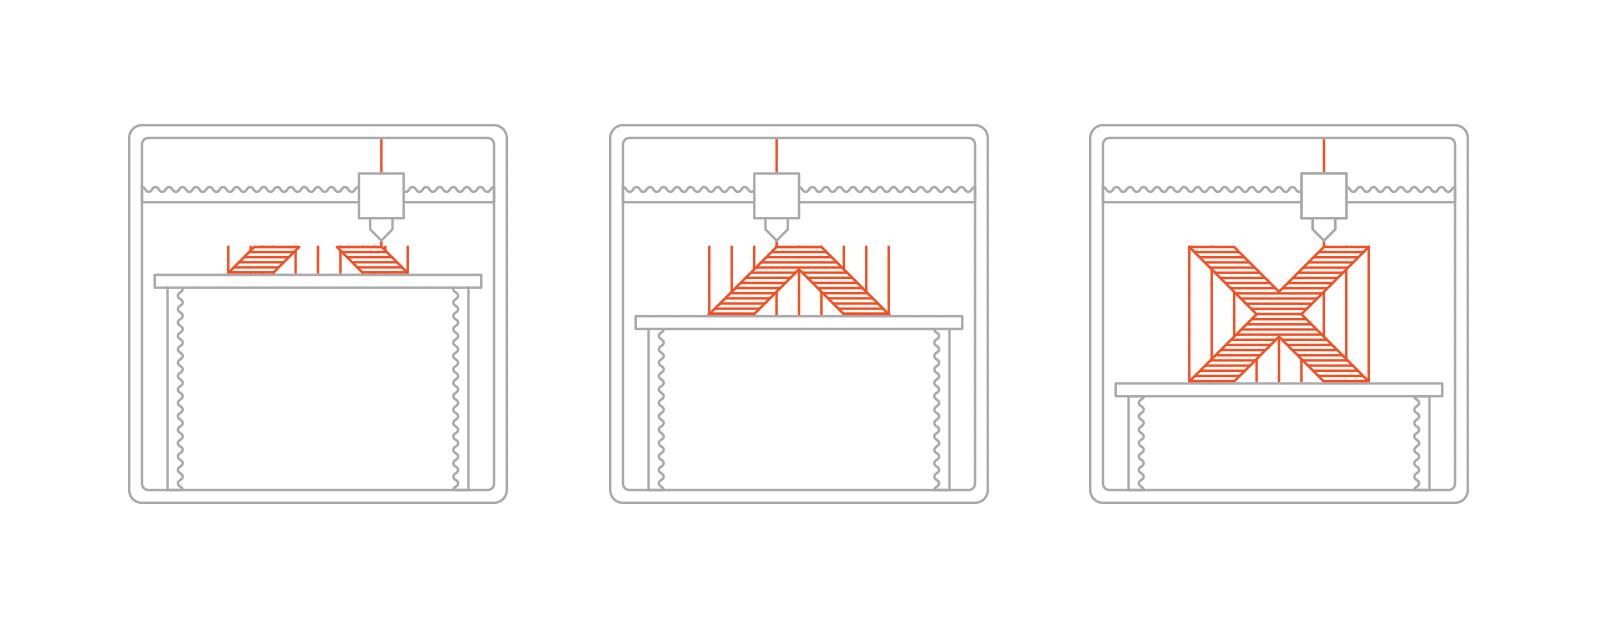 پروسه پرینت سه بعدی FDM